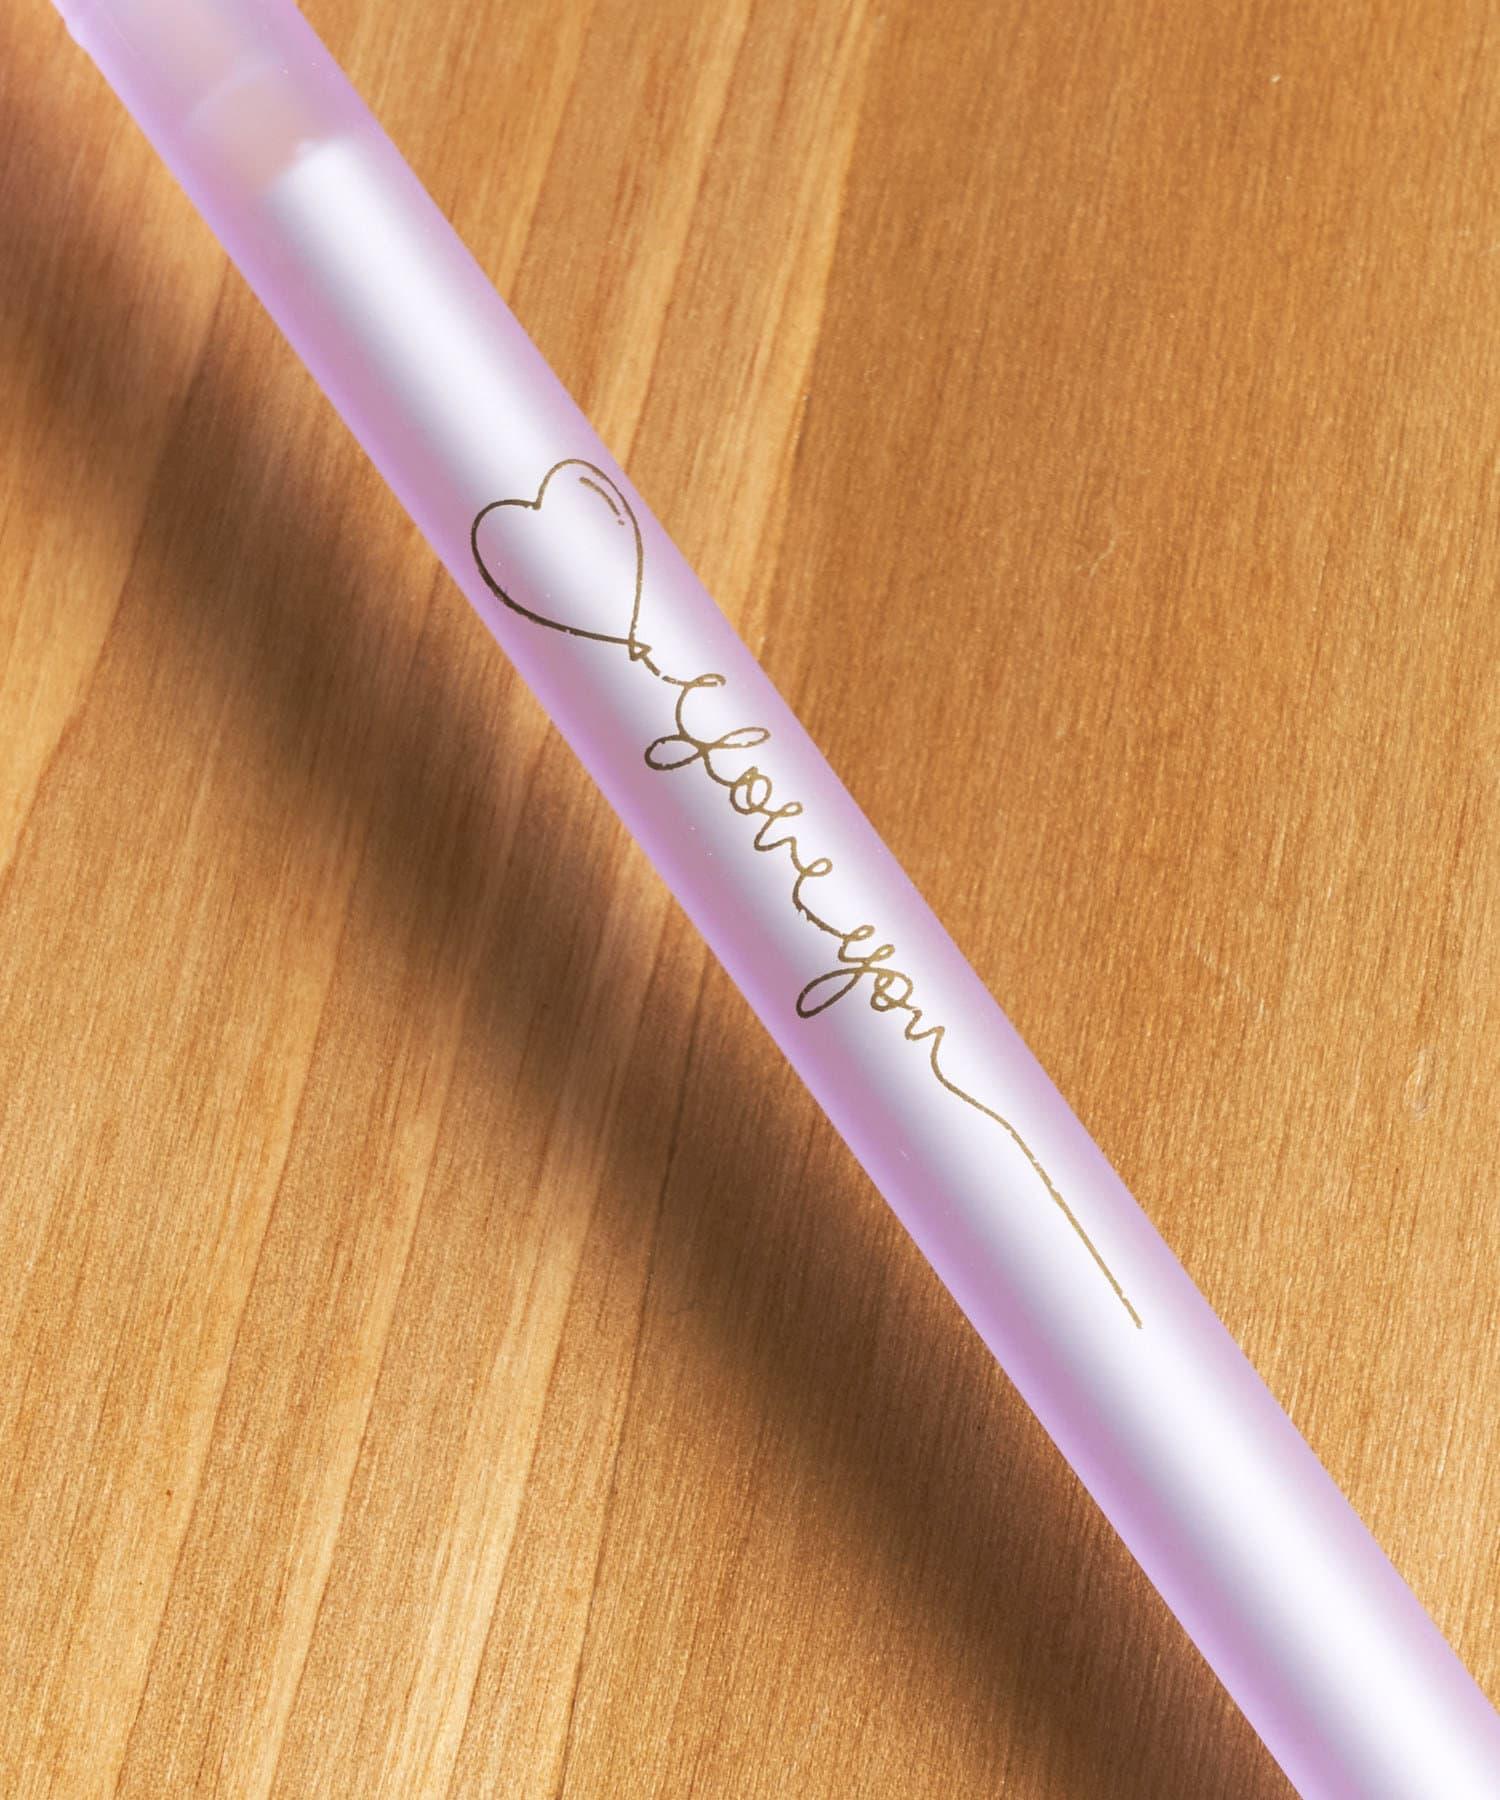 3COINS(スリーコインズ) 【ASOKO】マットボウルボールペン